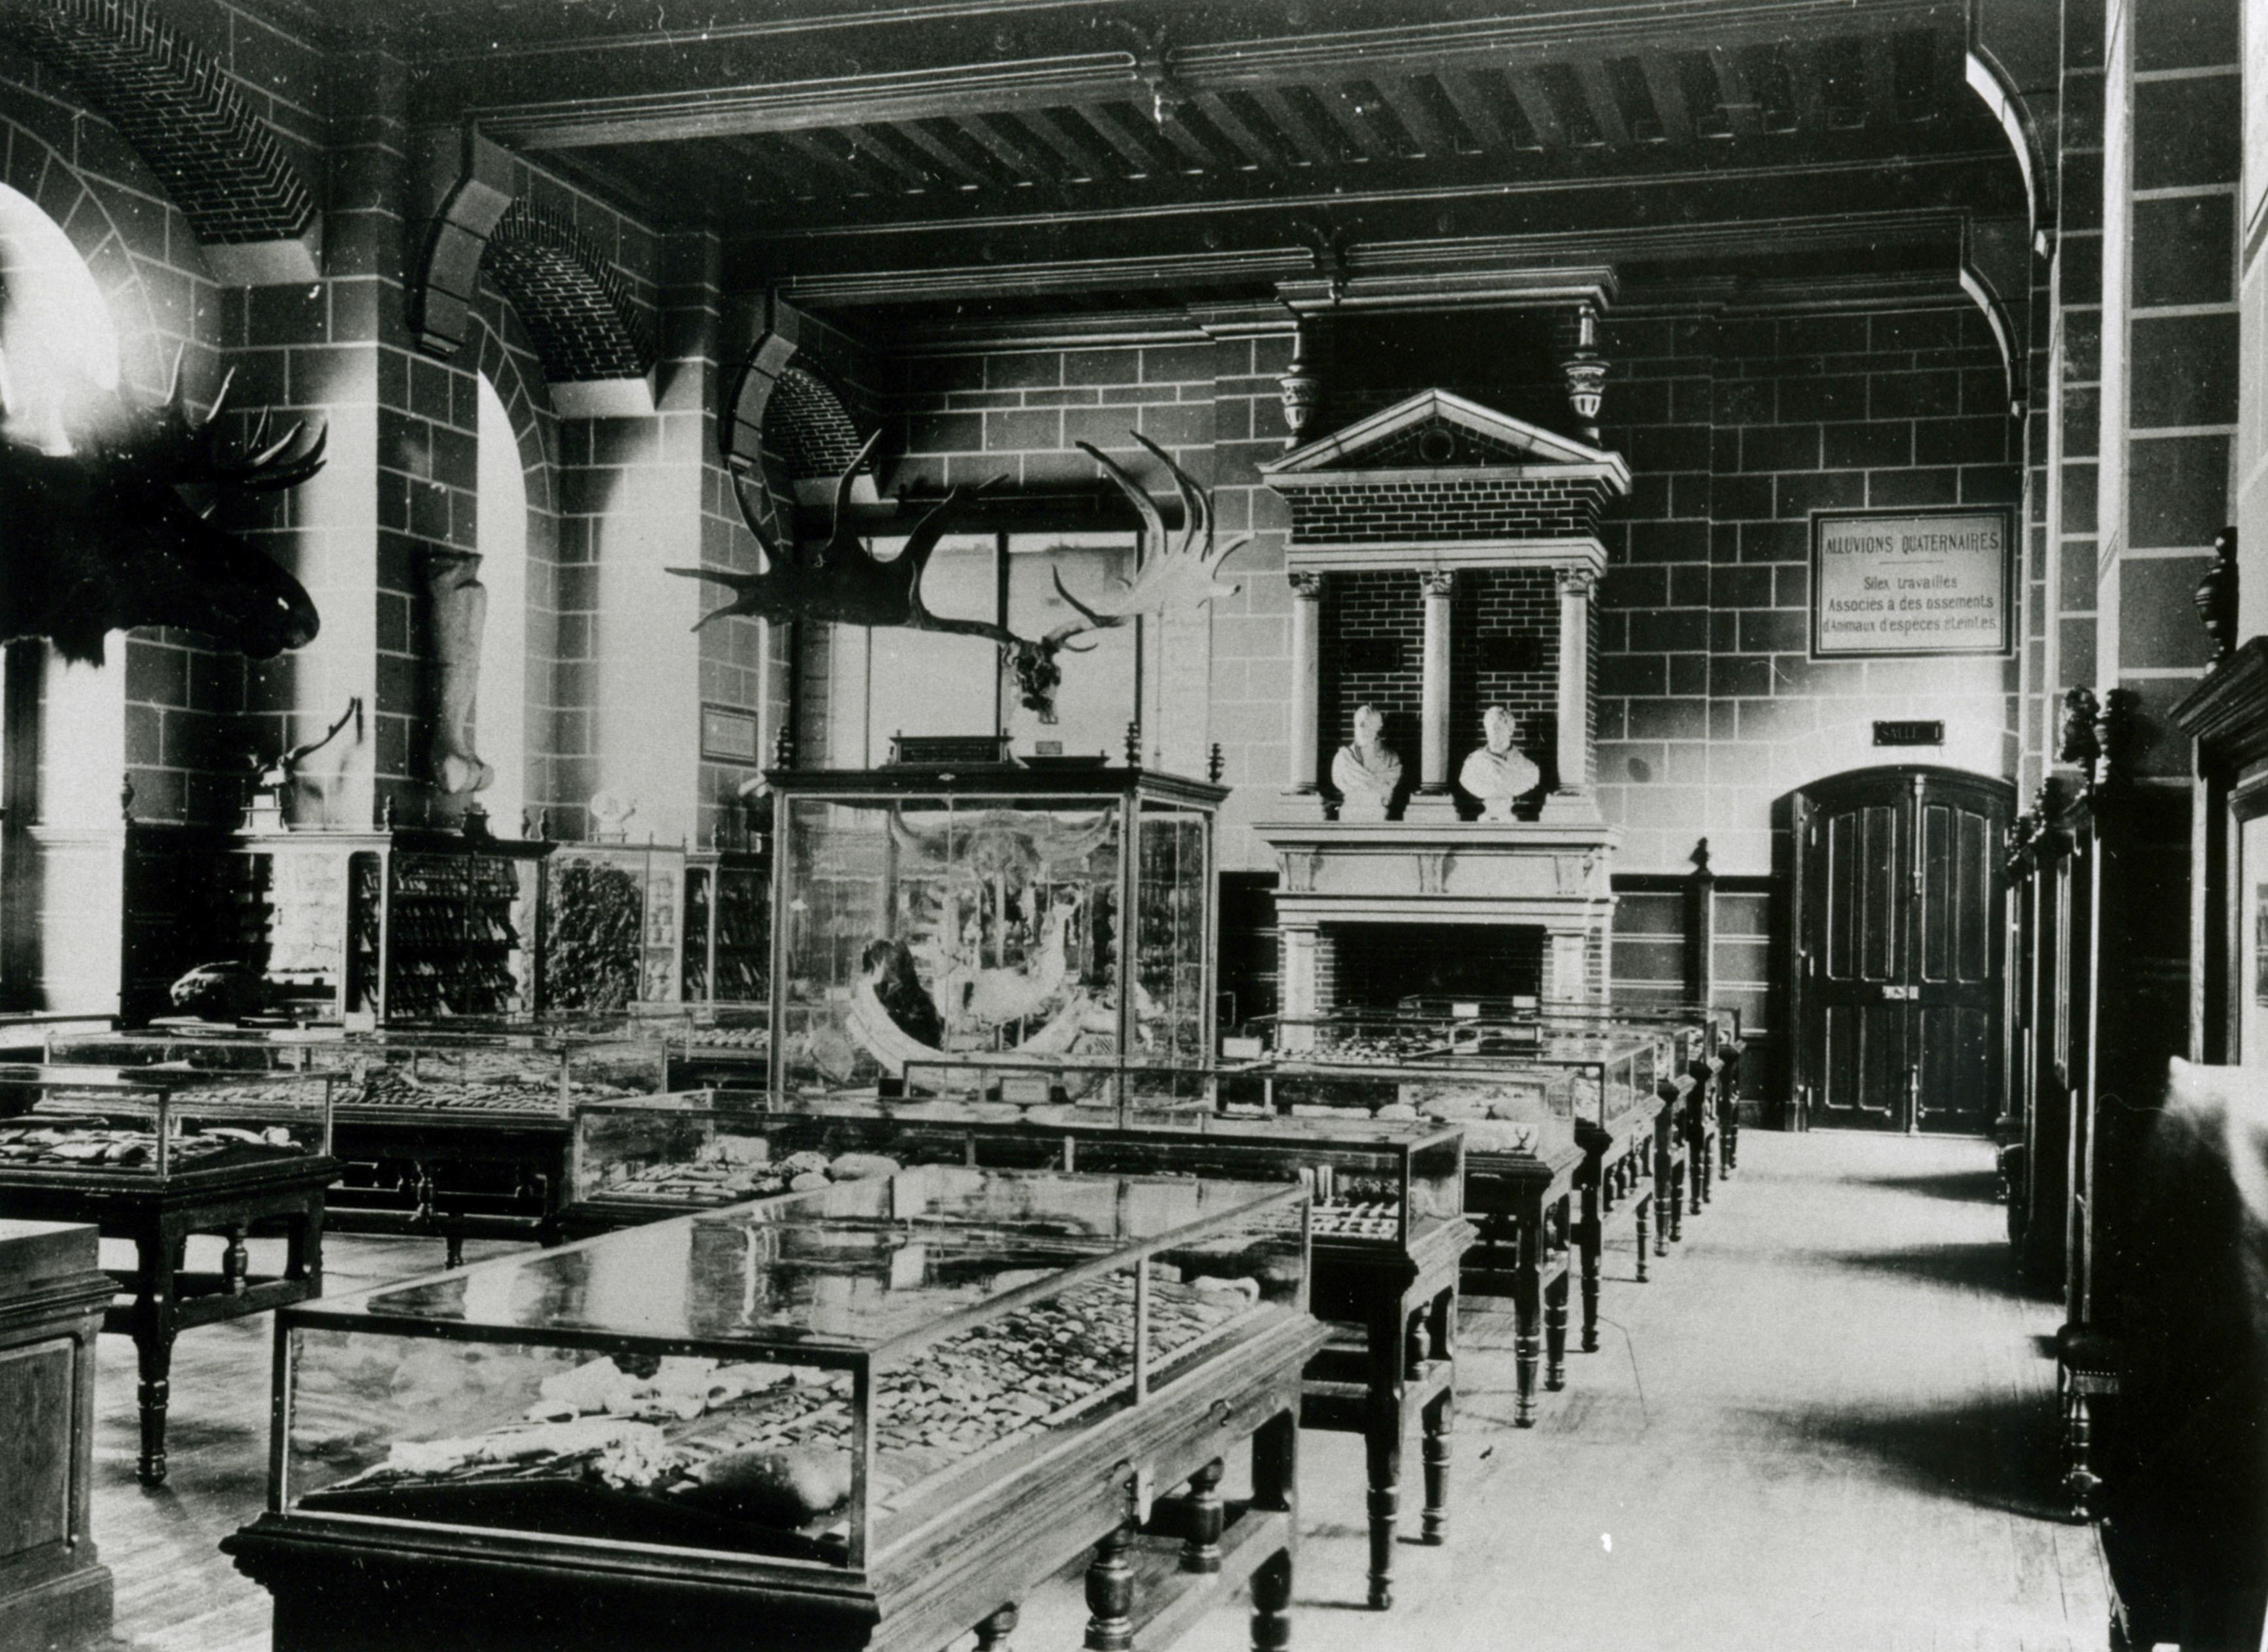 Cliché ancien de la Salle I à la fin des années 1860.